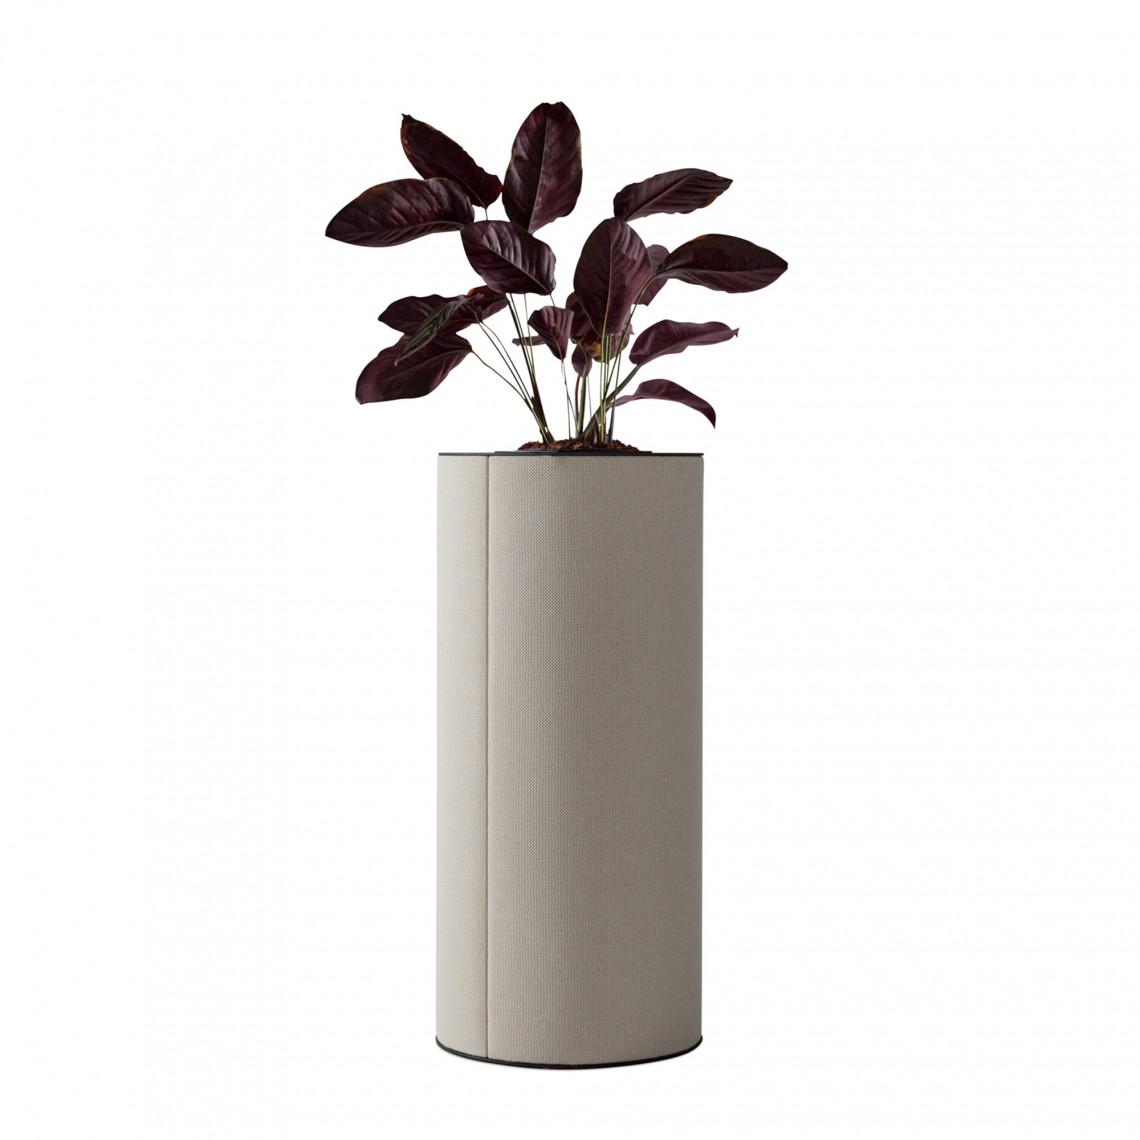 dB Pelare med blomsterkruka 110 cm hög